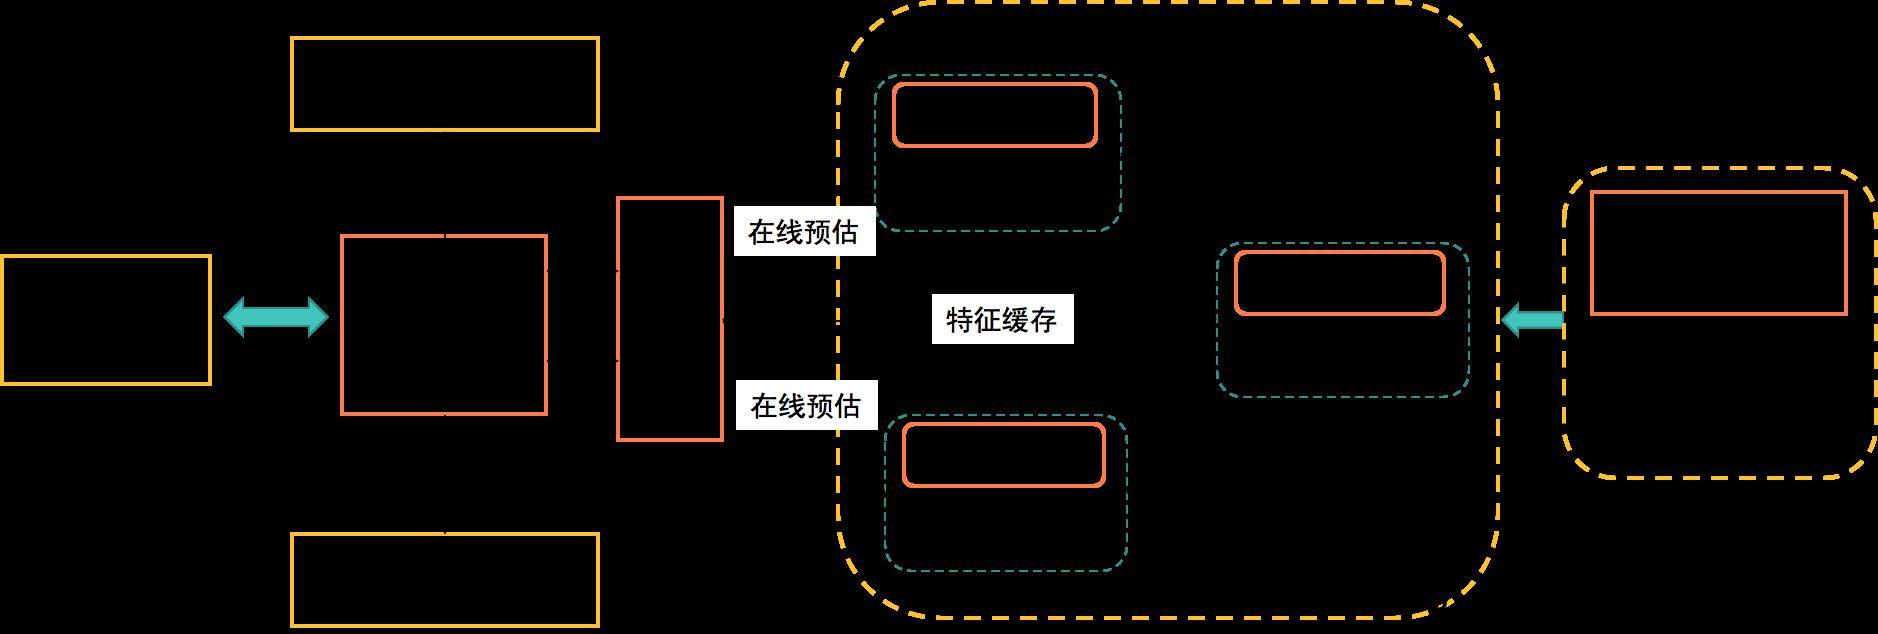 图8 核心排序框架图